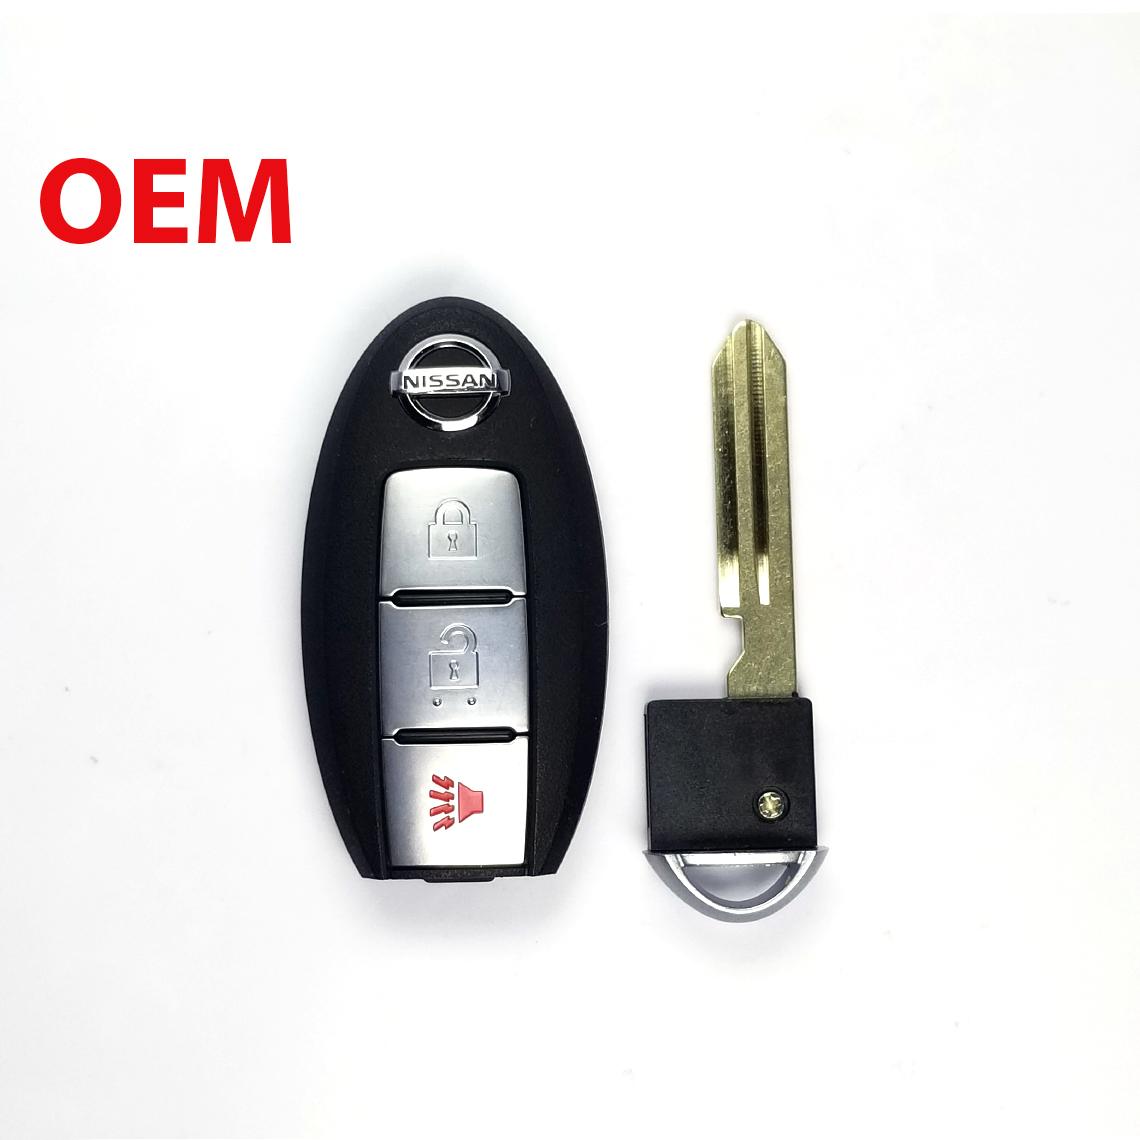 PC5-110 FP-19-00 S Opel Corsa Meriva Silver Fascia Facia Adaptor Panel Trim